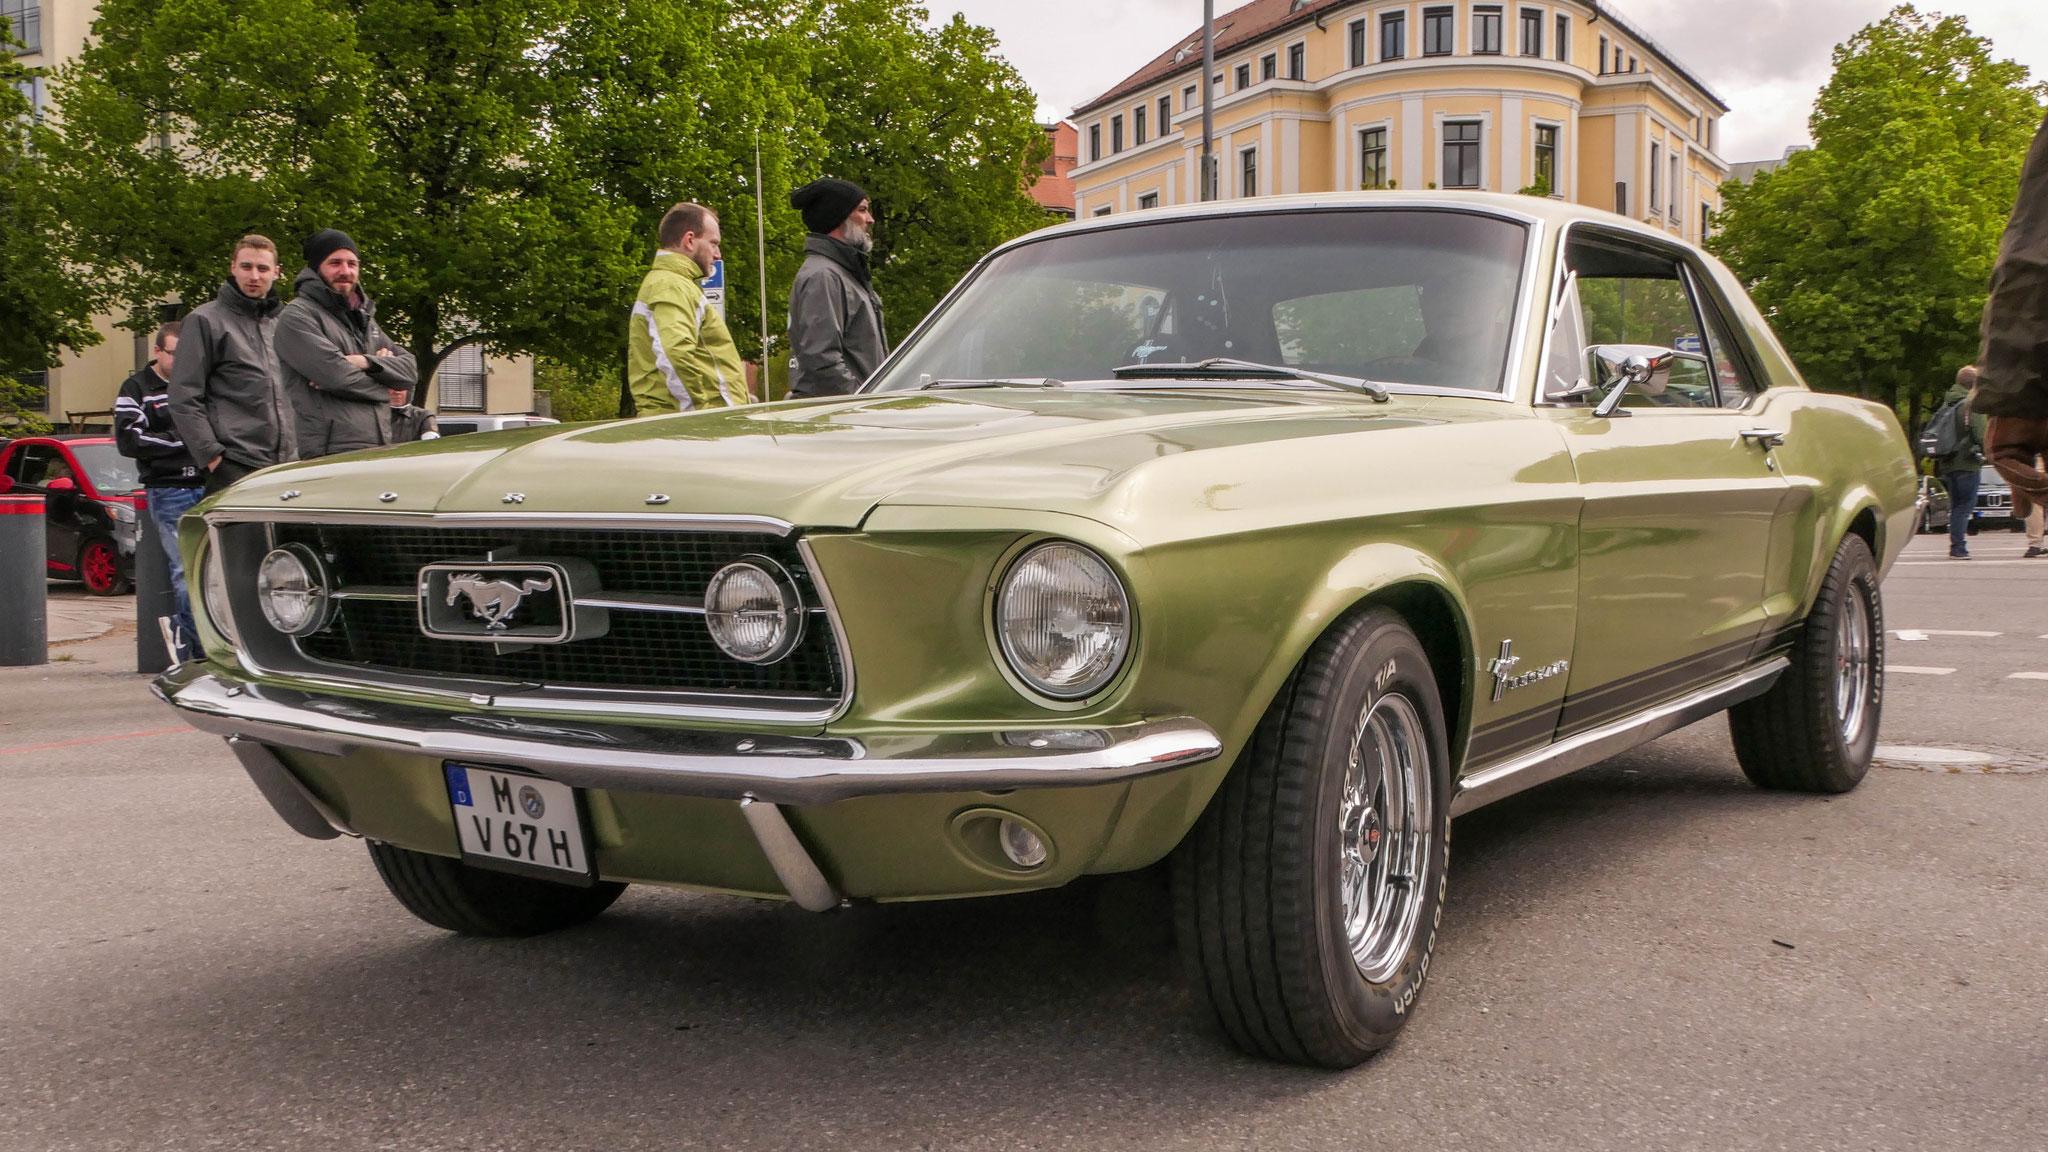 Mustang I - M-V-67H